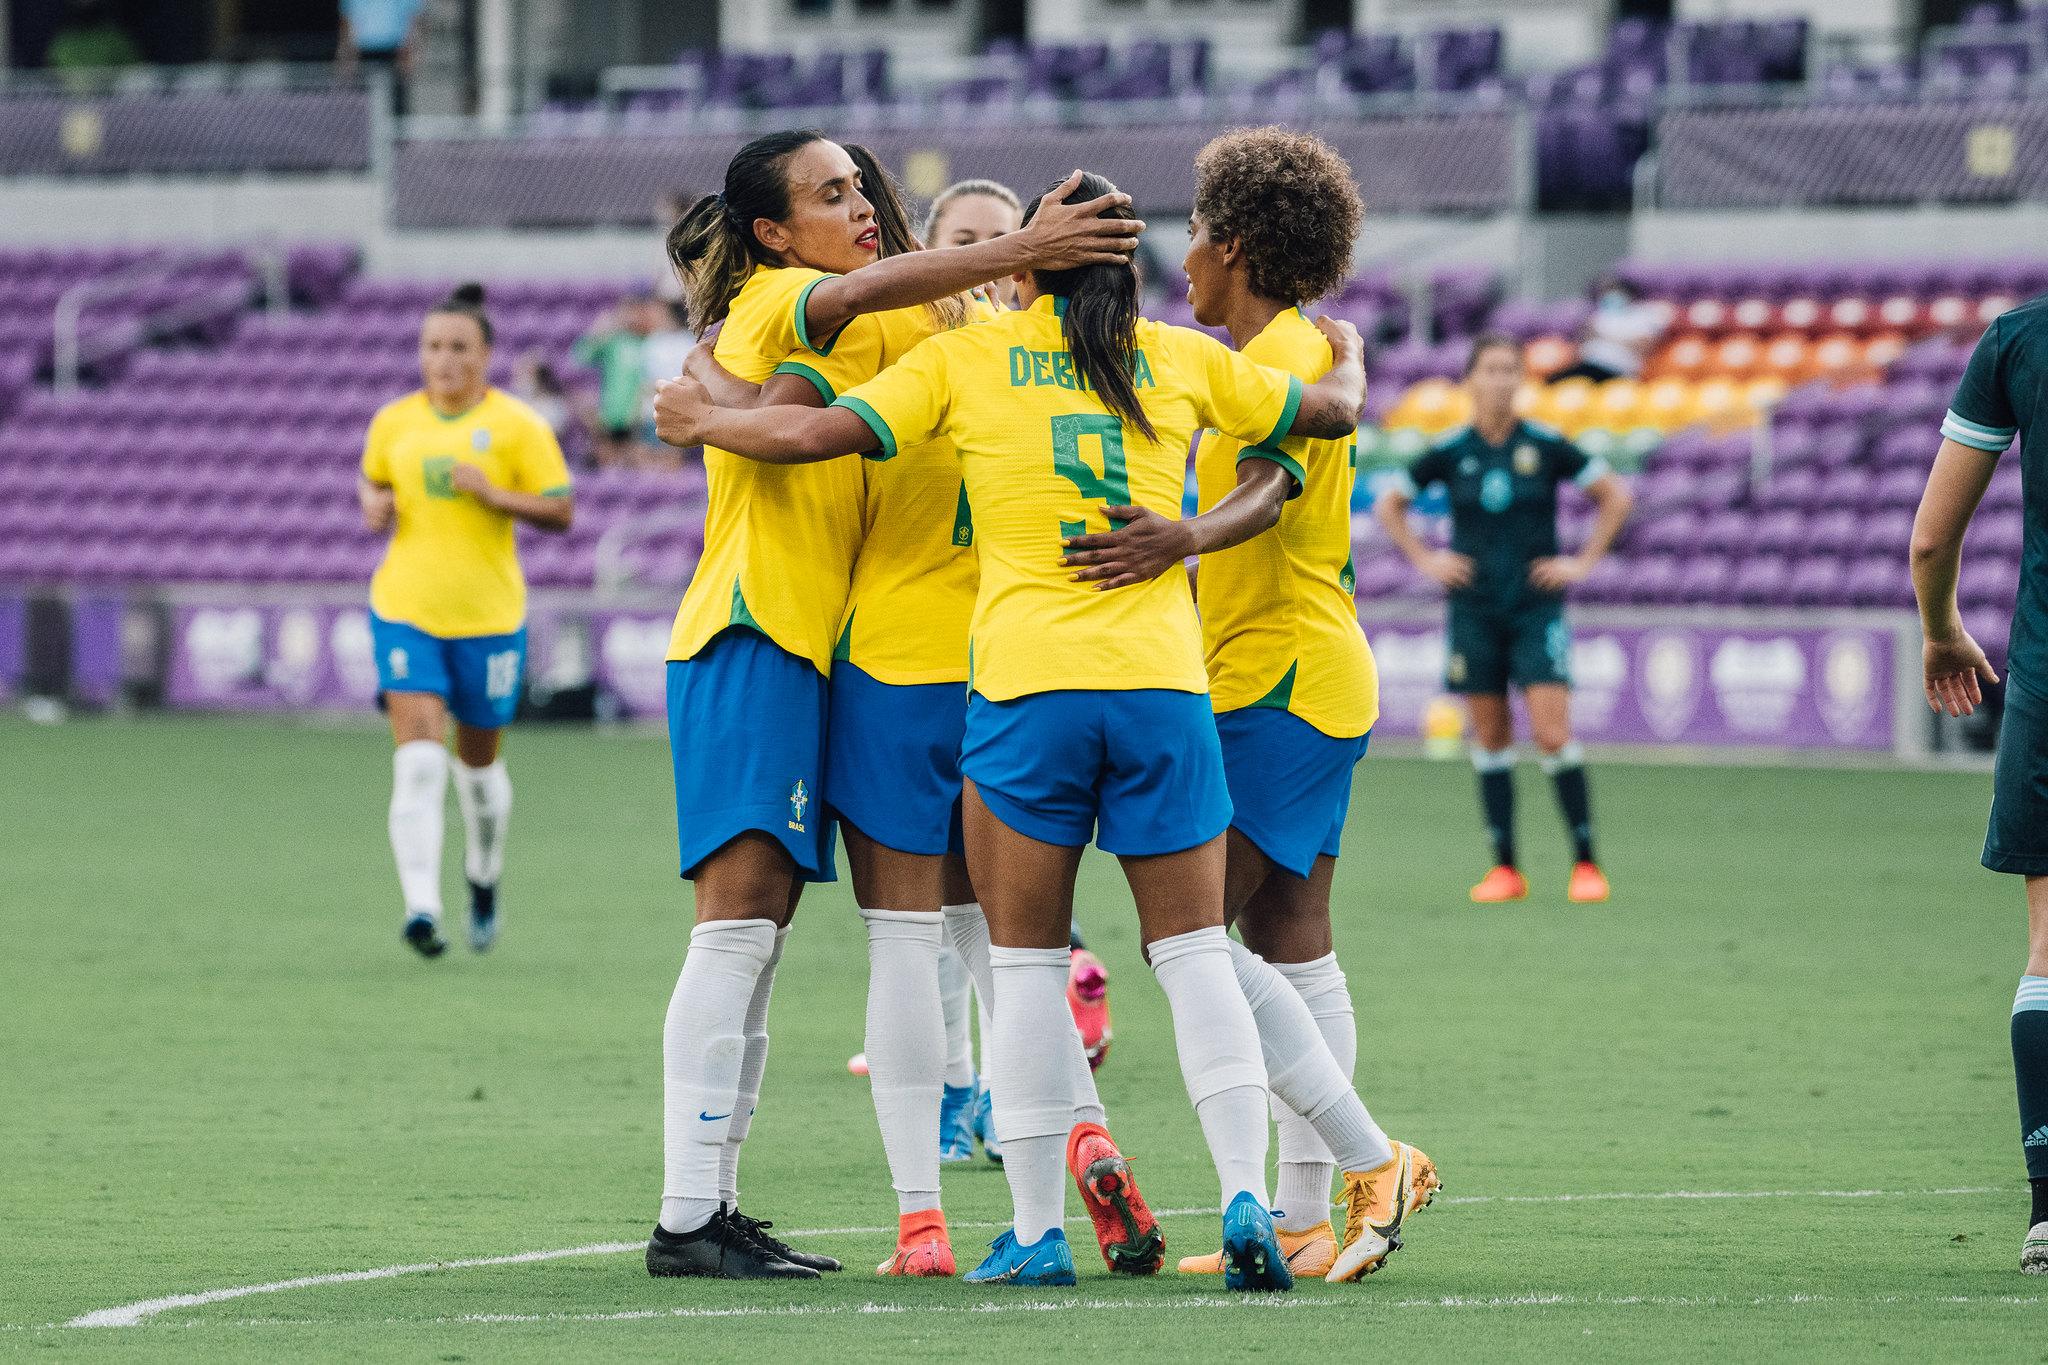 Brasil vence a Argentina por 4 a 1 em estreia no Torneio She Believes - Olimpia Sports